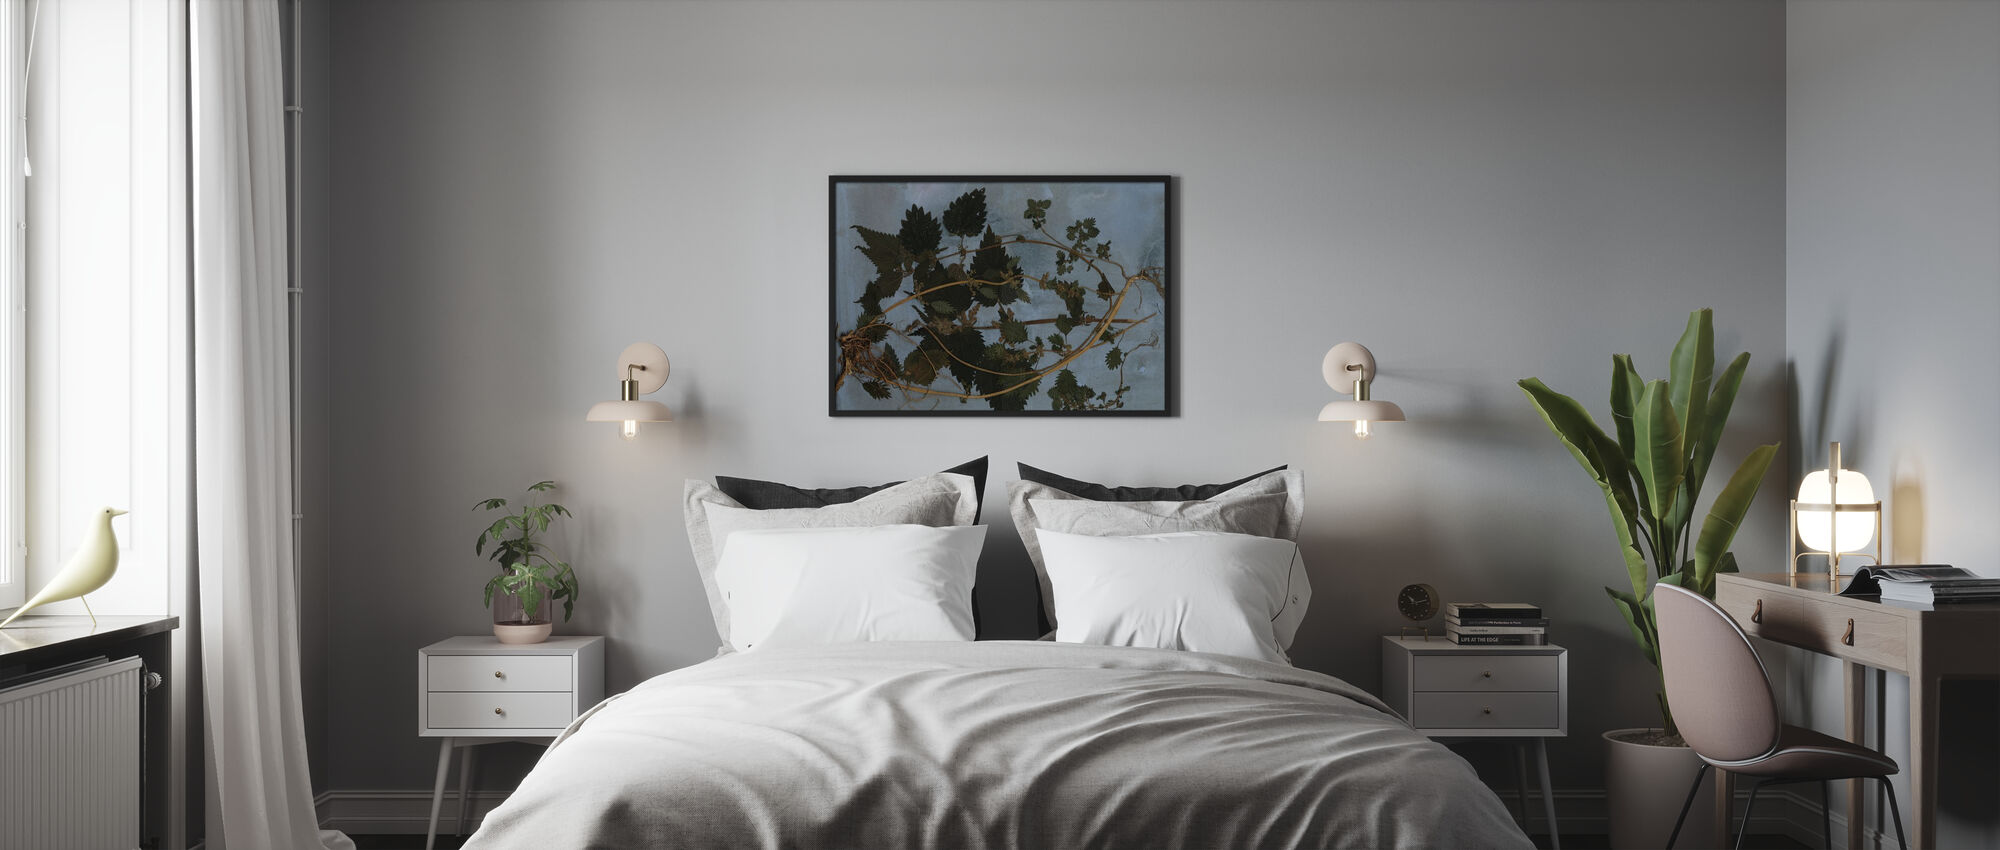 Ortiche - Stampa incorniciata - Camera da letto